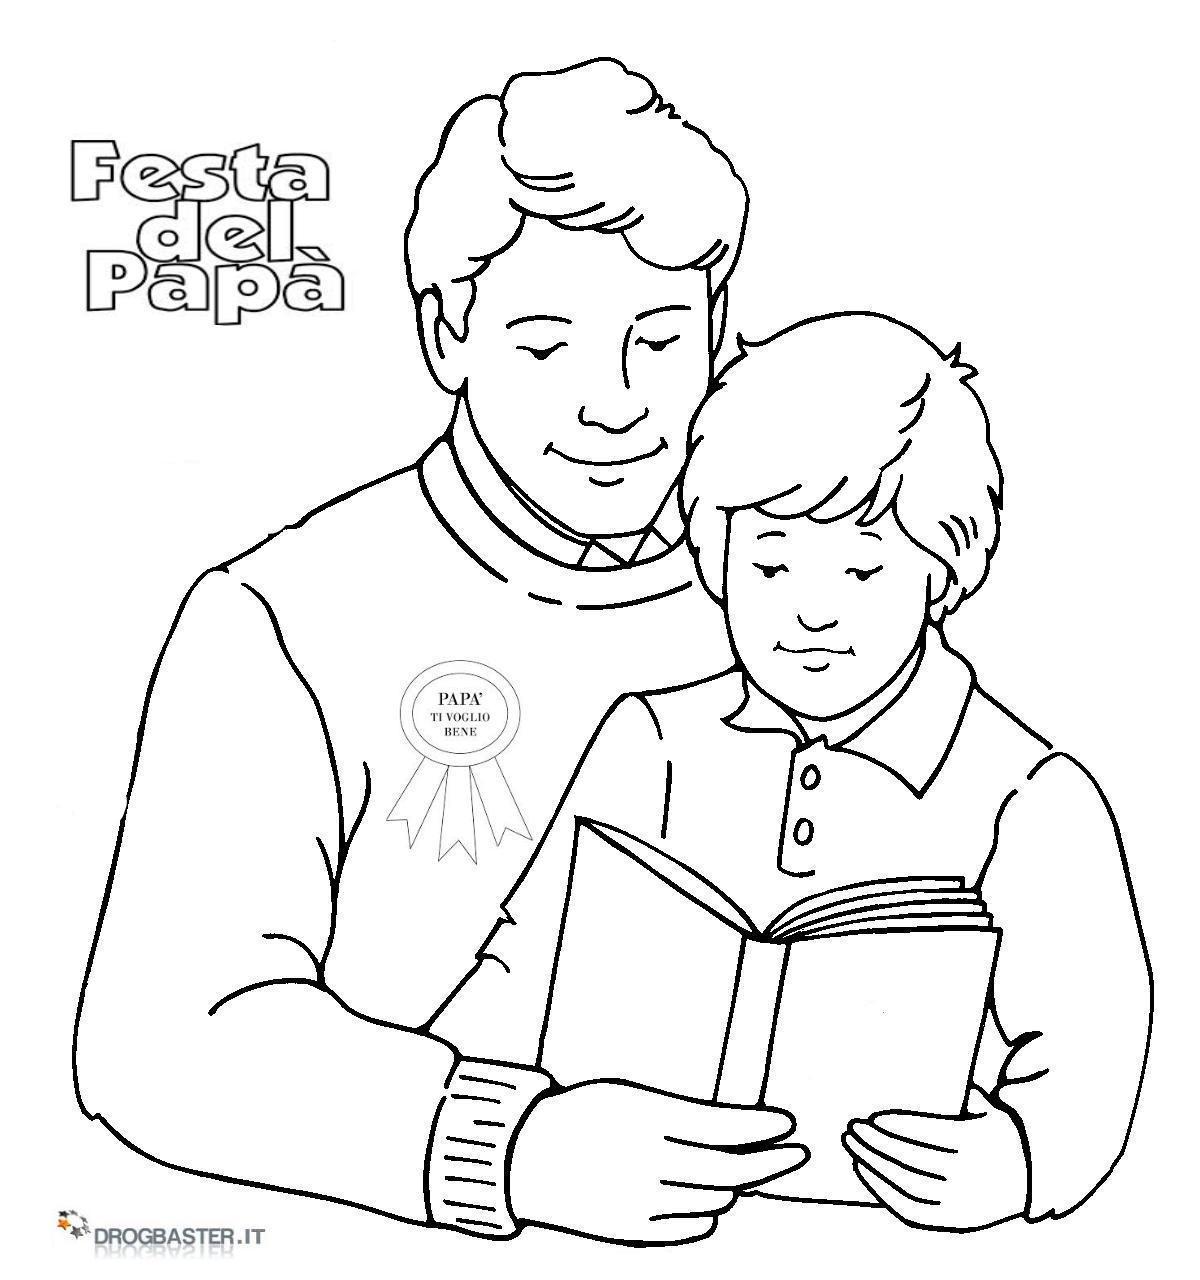 Disegni Per La Festa Del Papà Da Colorare E Stampare Gratis